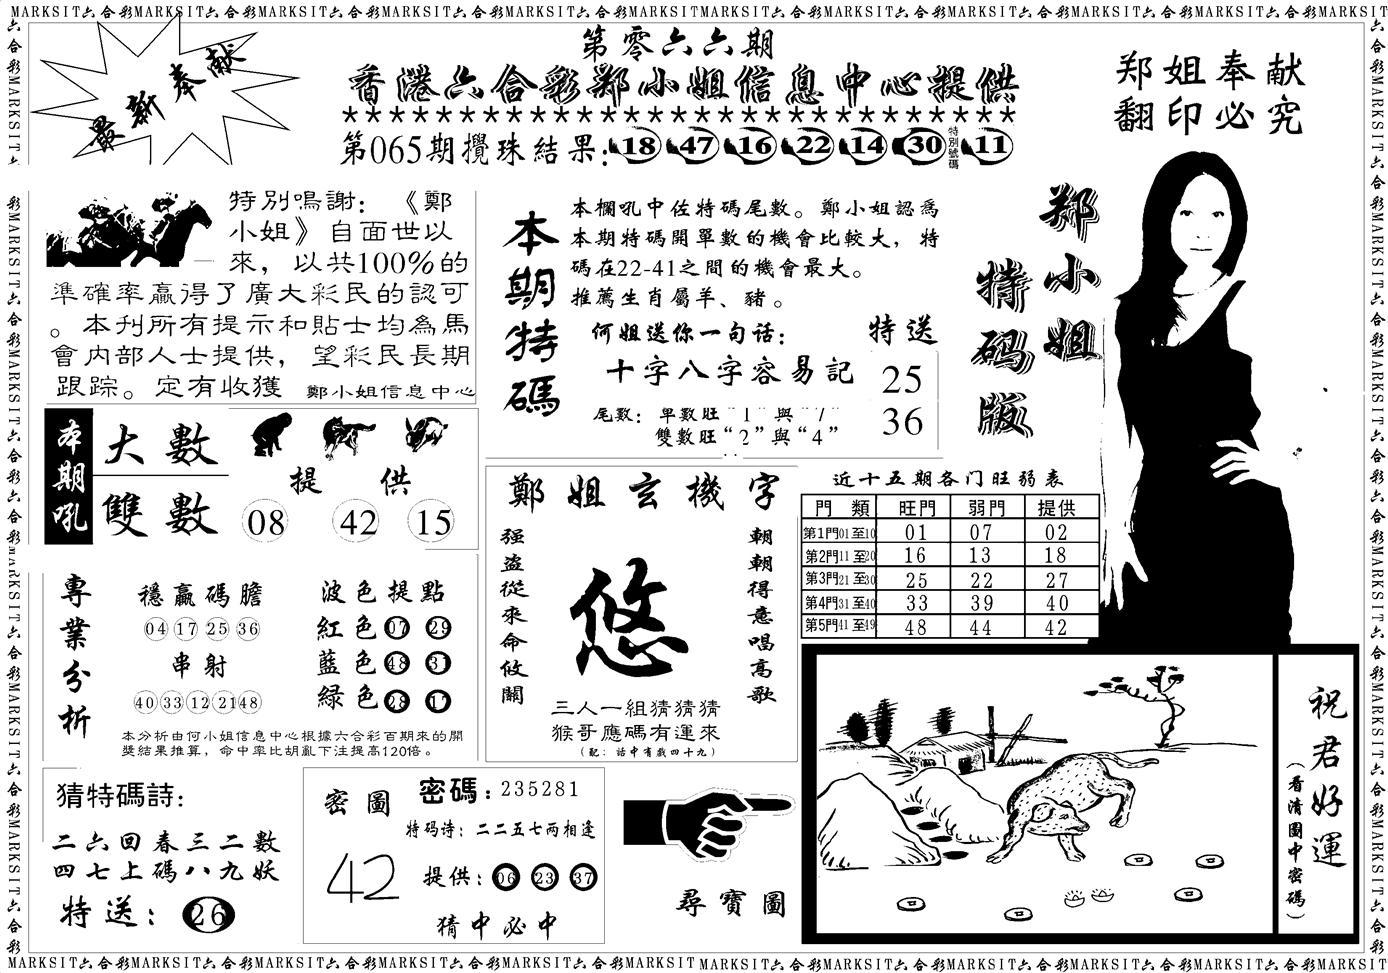 066期郑小姐特码报A(黑白)